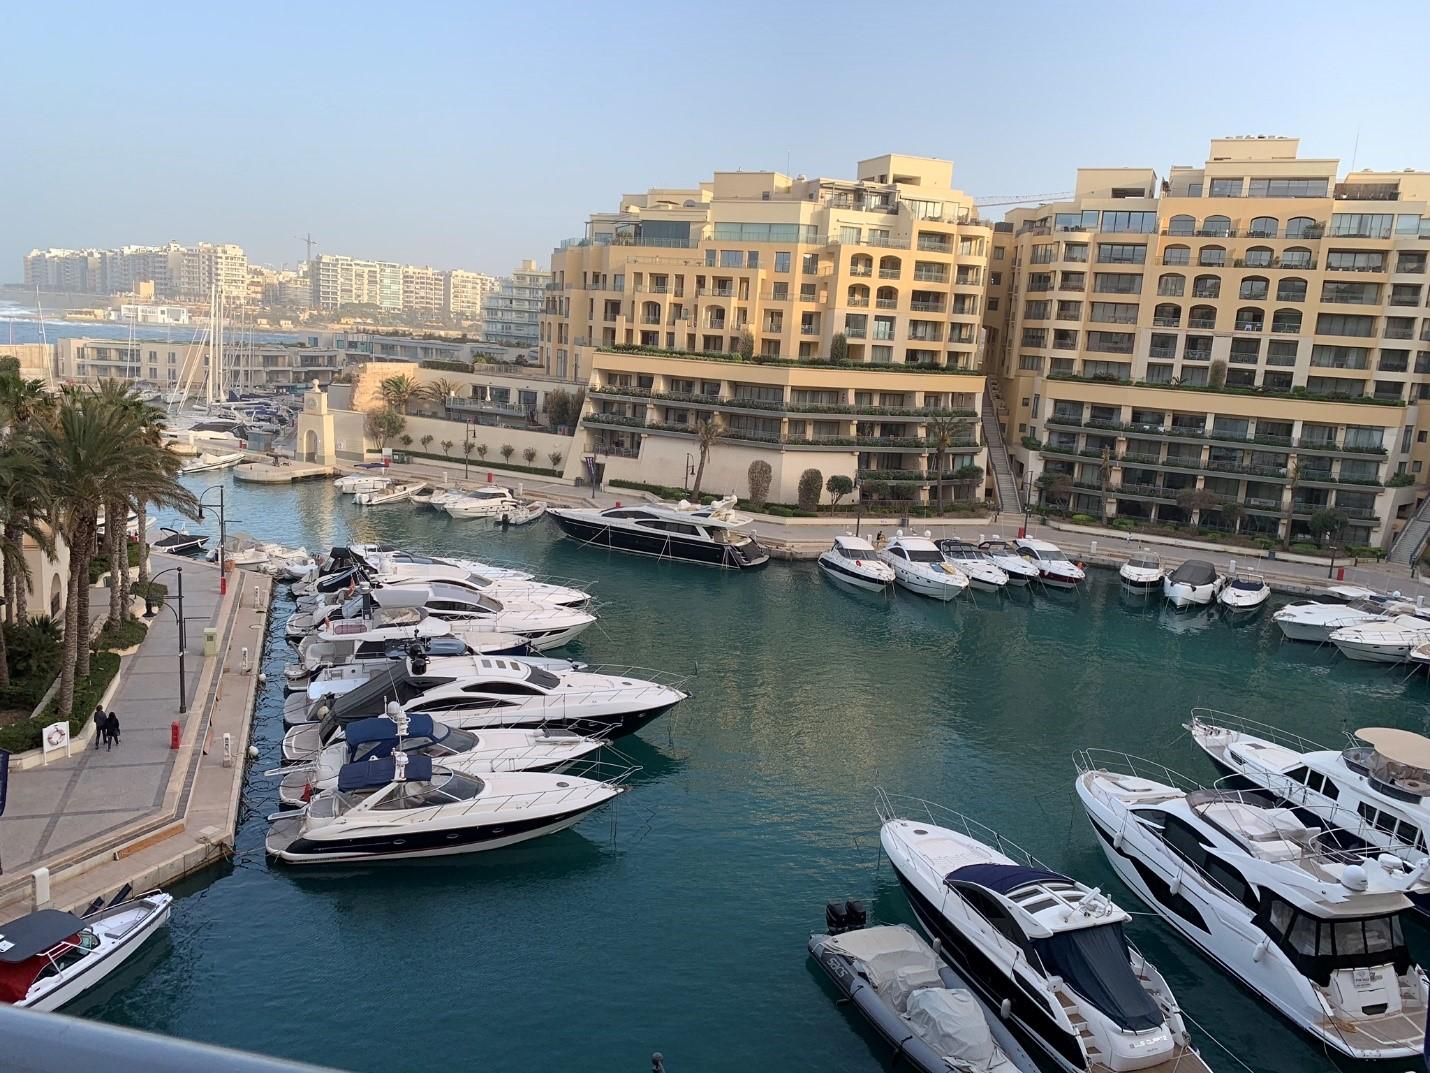 Quốc đảo Malta hiện đại tựa Singapore – Hình trong chuyến khảo sát của NVS